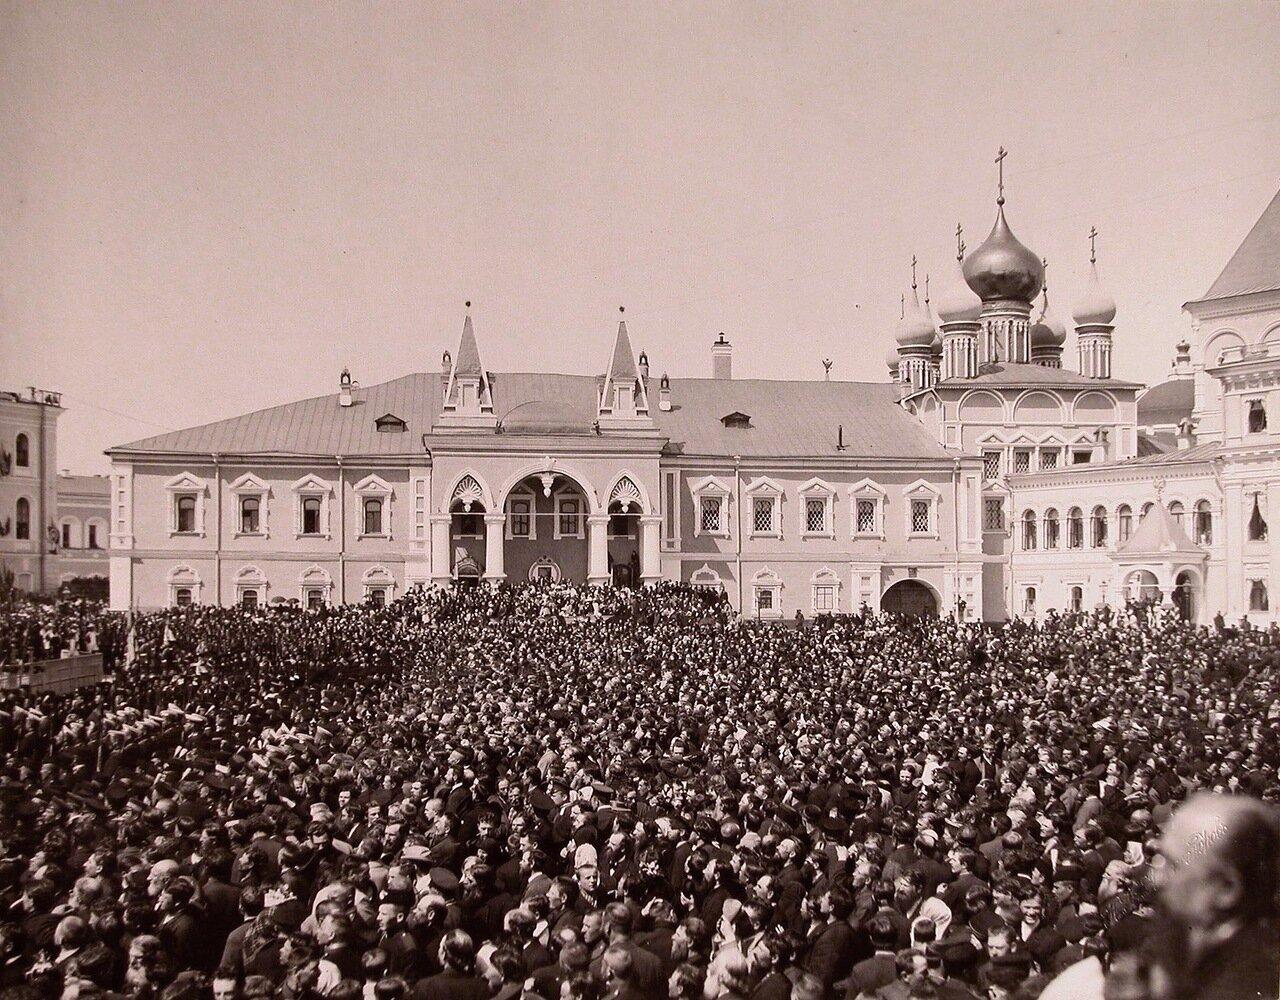 Вид площади в Кремле перед Чудовым монастырем, заполненной людьми, в день торжественной коронации